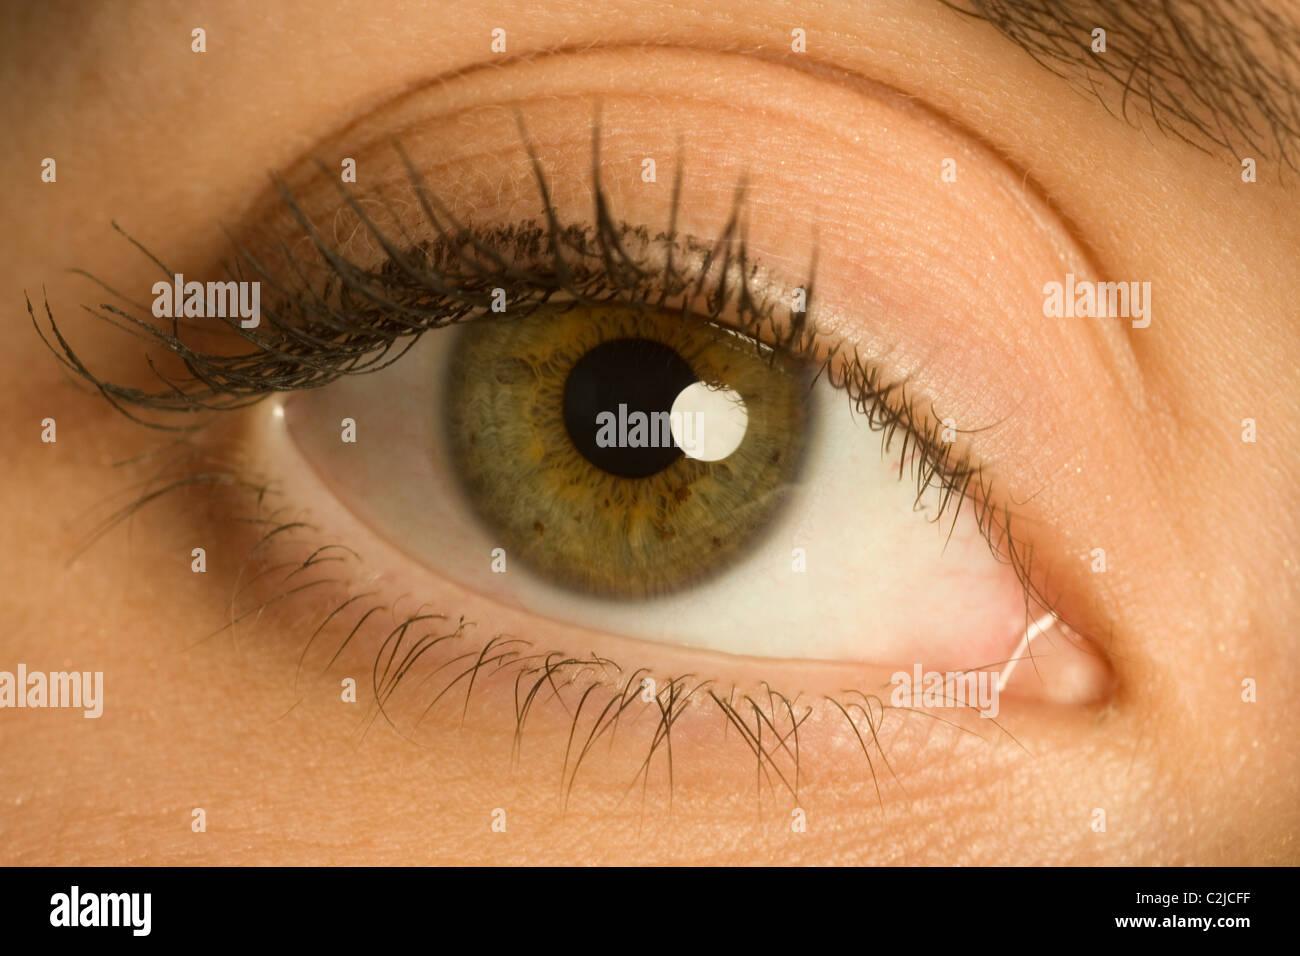 Woman's Eye - Stock Image